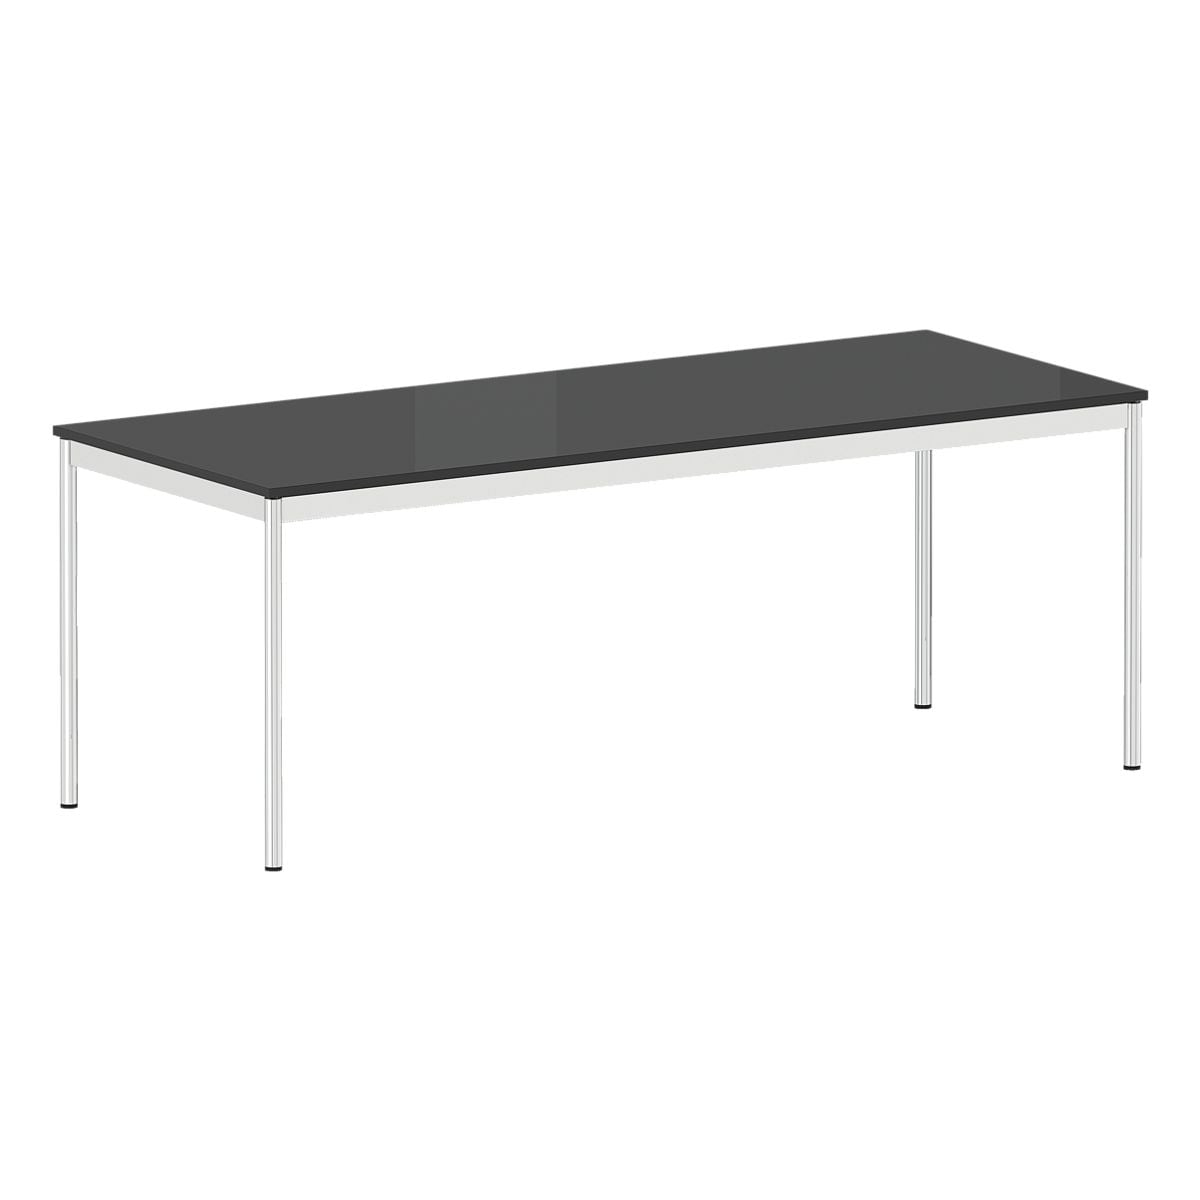 viasit schreibtisch system 4 200 cm 4 fu silber bei otto office g nstig kaufen. Black Bedroom Furniture Sets. Home Design Ideas